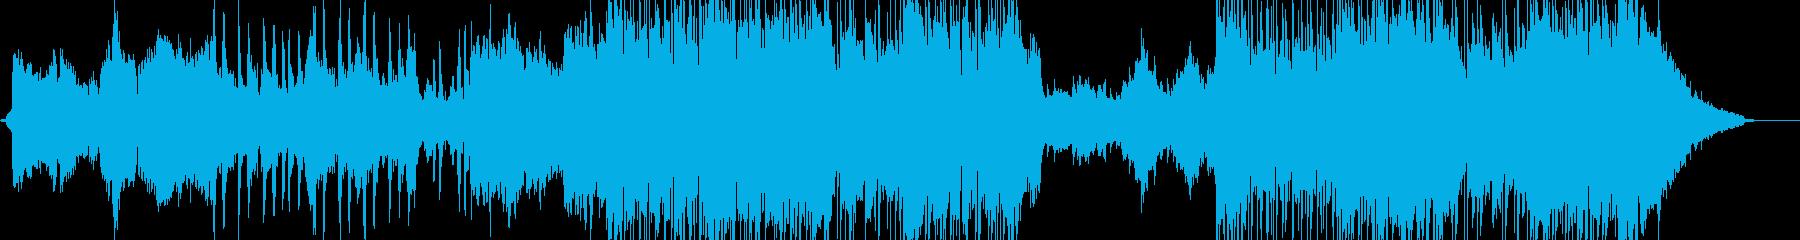 魔法の国のようなキラキラポップス 短尺の再生済みの波形